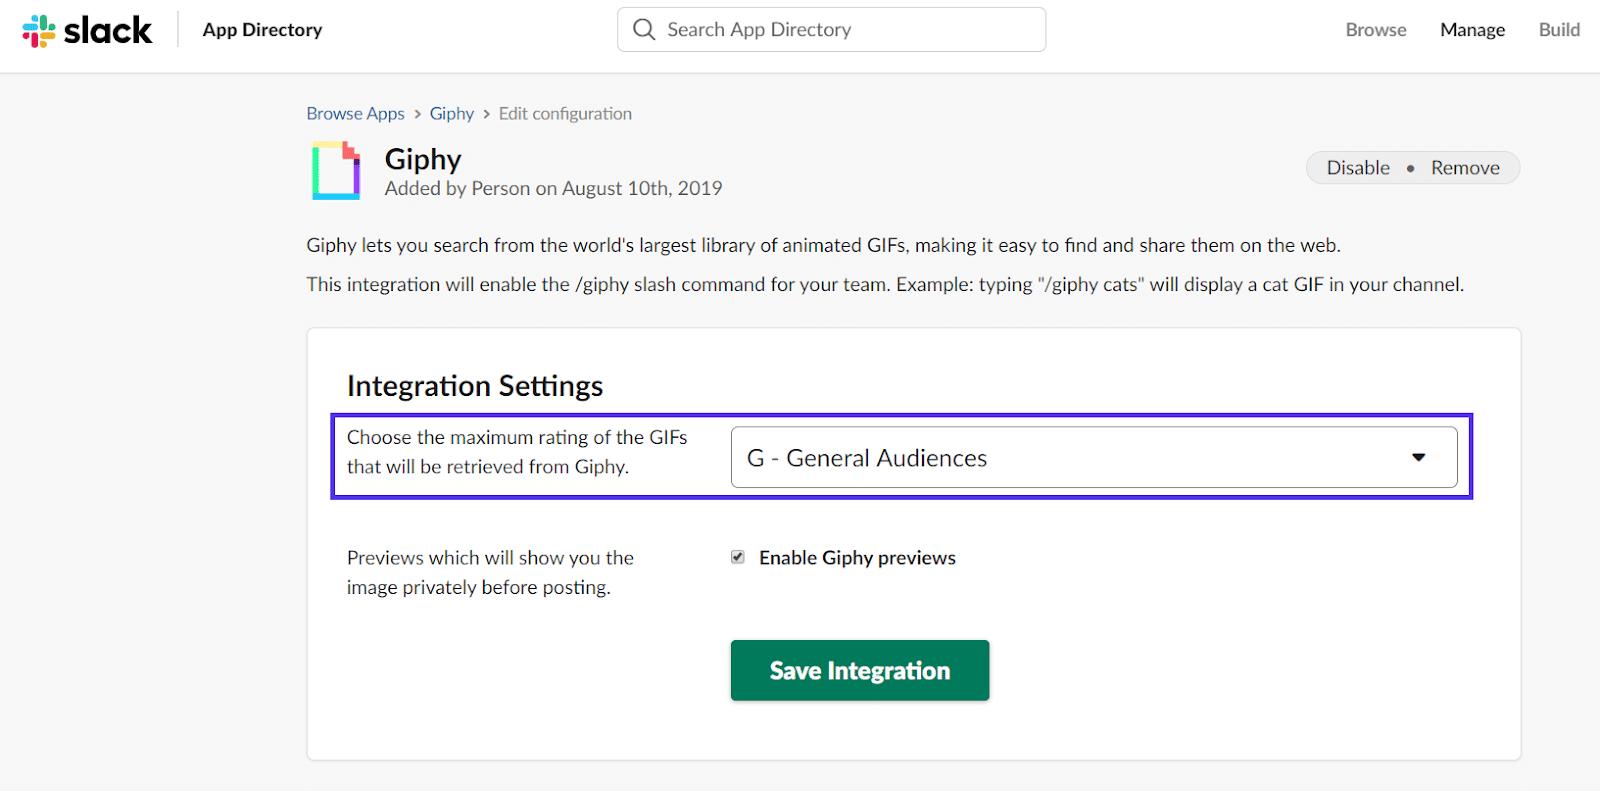 Configurações de integração Giphy